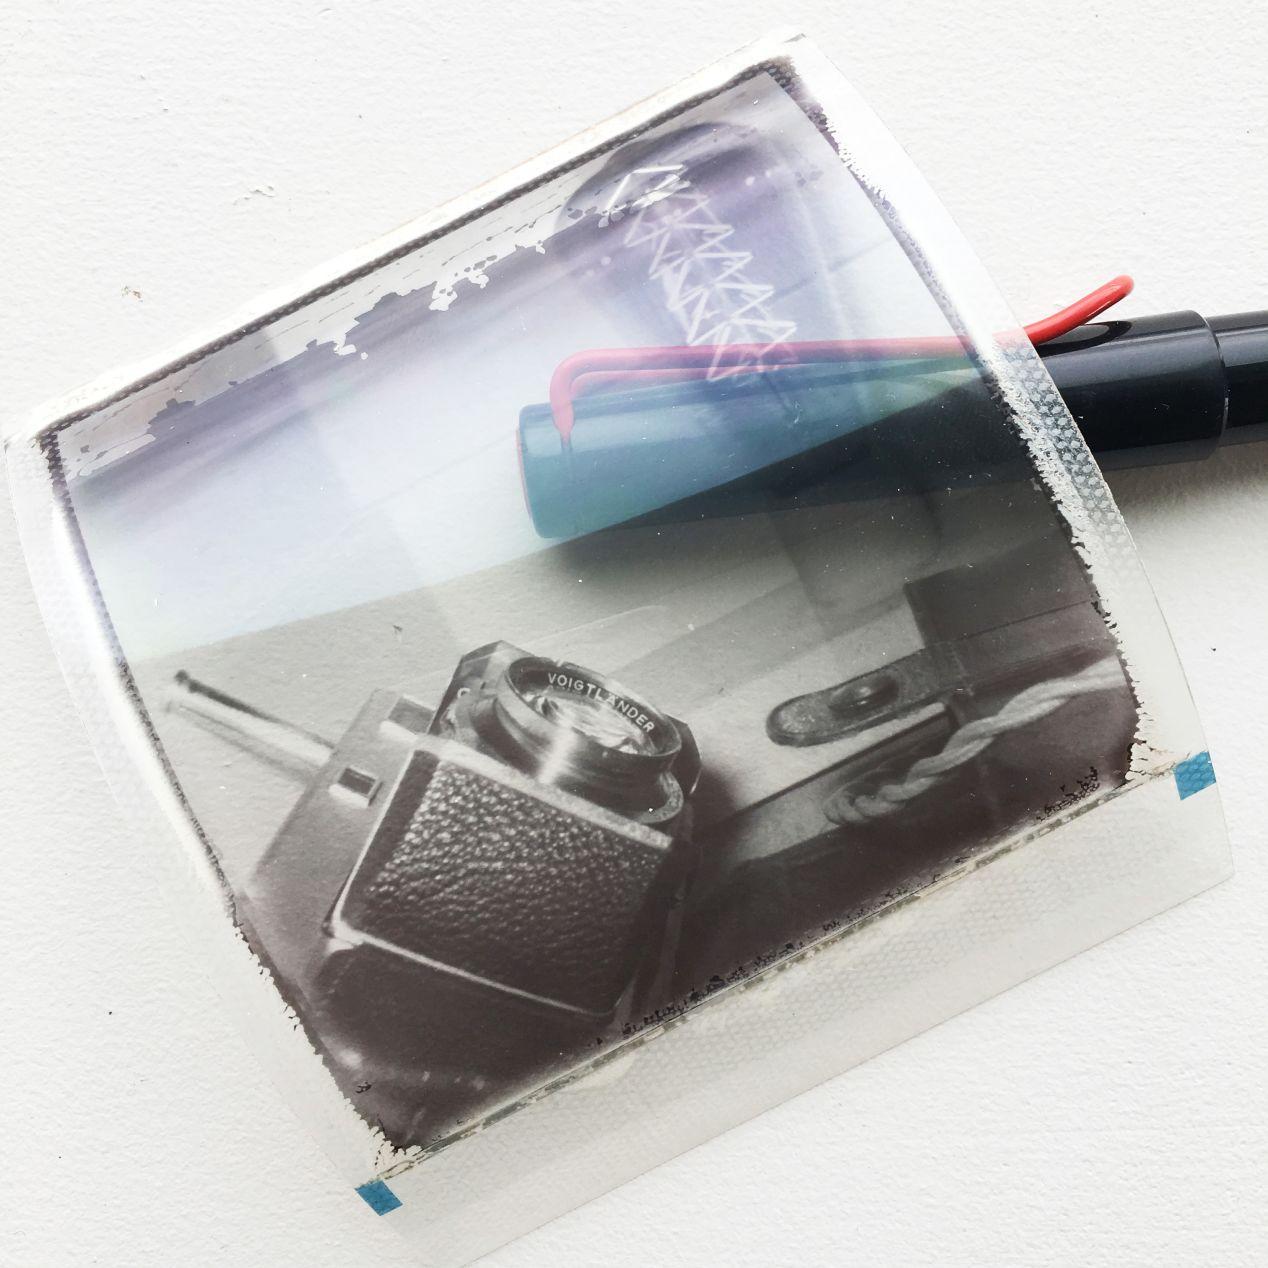 Polaroid SX-70 B&W film transparency.